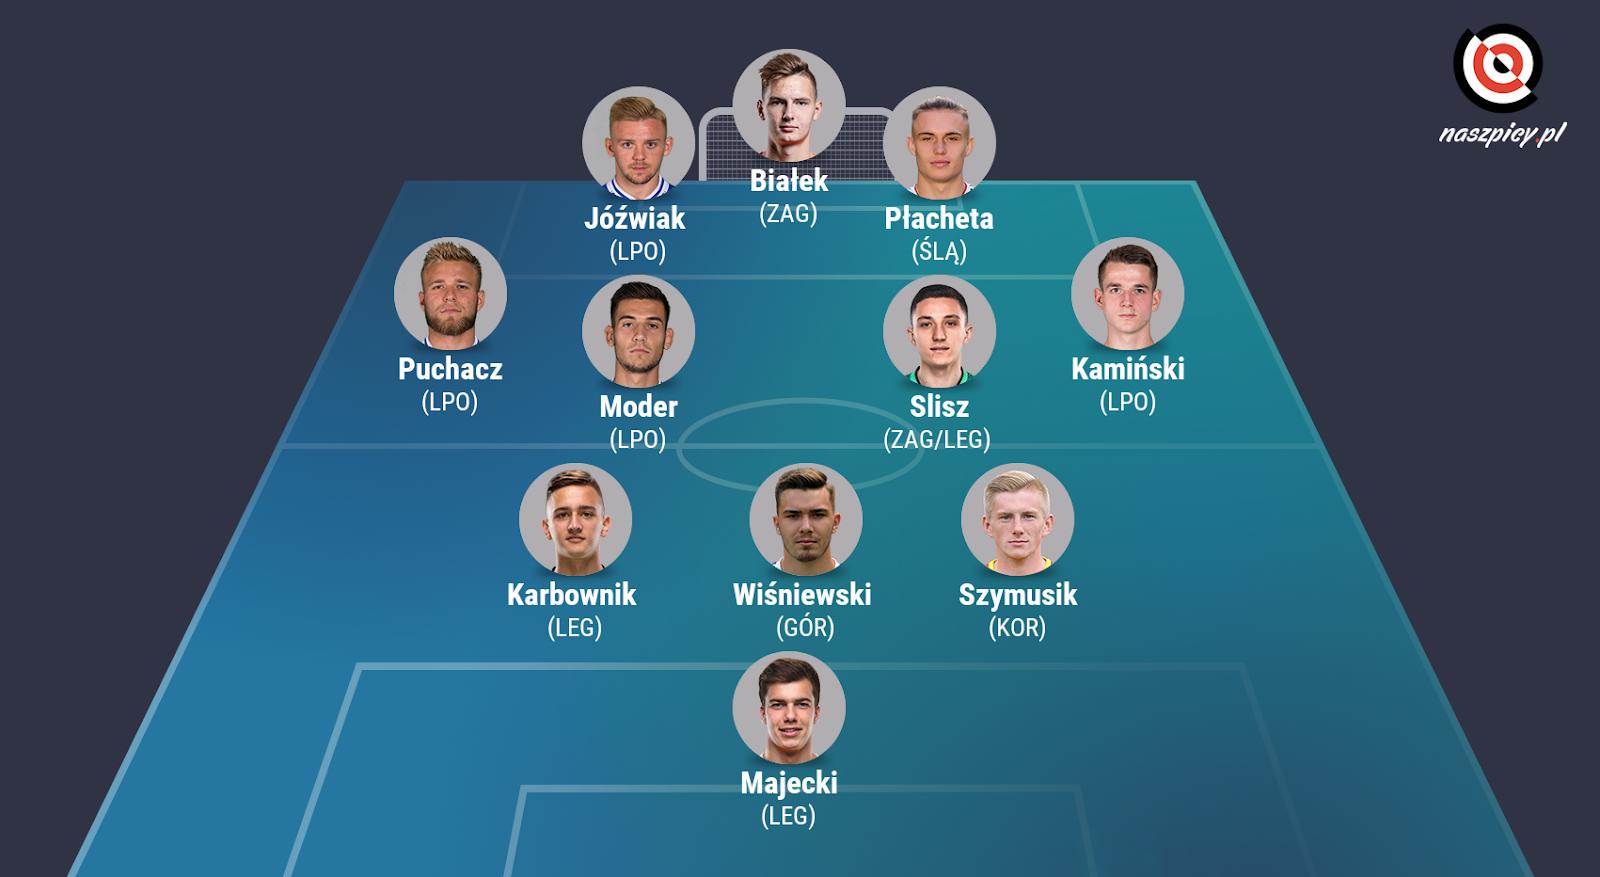 Młodzieżowa jedenastka sezonu PKO Ekstraklasy 2019/20 wg naszpicy.pl<br><br>graf. Bartosz Urban